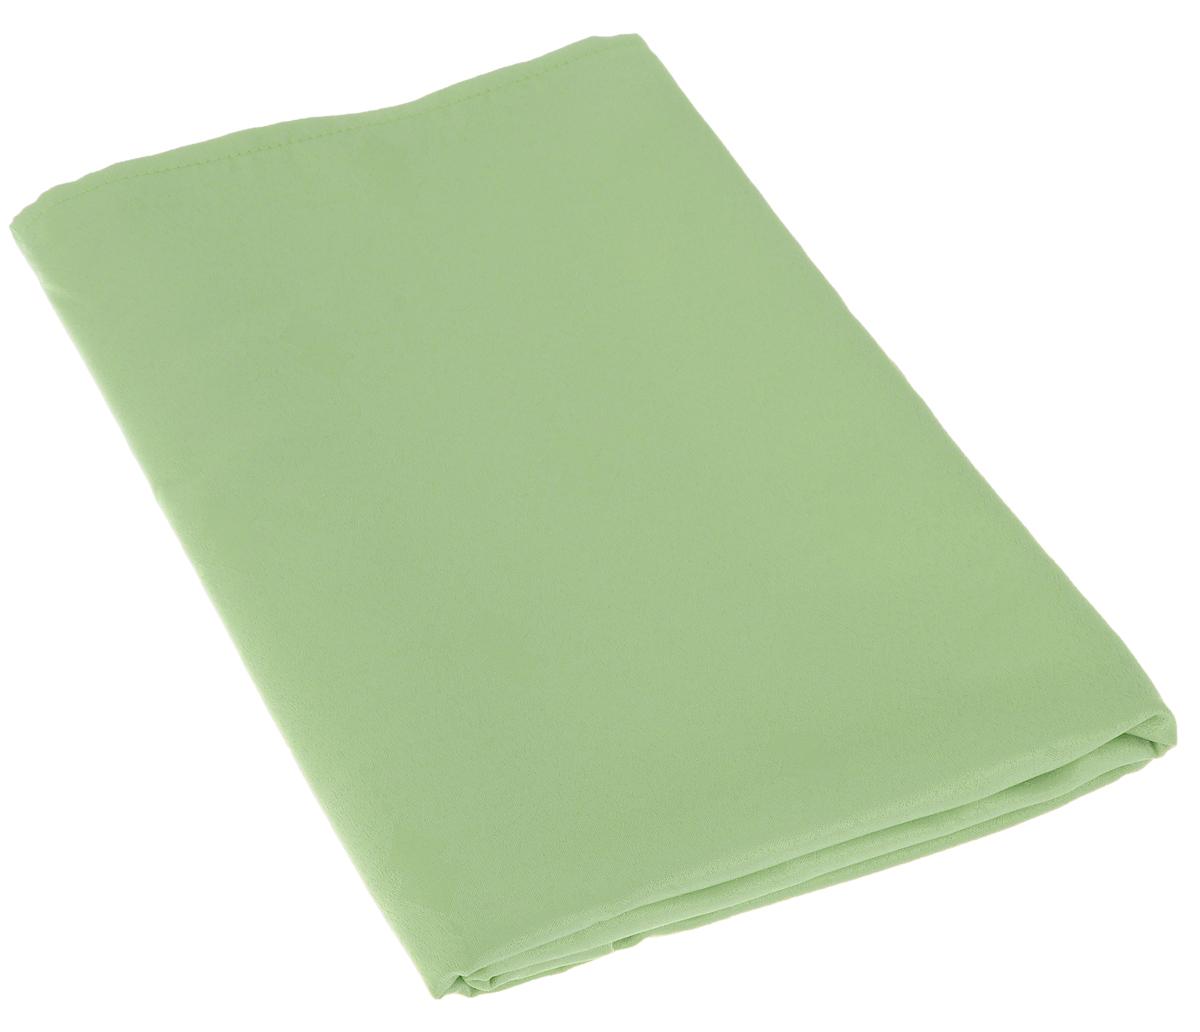 Скатерть Schaefer, прямоугольная, цвет: светло-зеленый, 130 х 160 см. 07509-427VT-1520(SR)Изящная прямоугольная скатерть Schaefer, выполненная из плотного полиэстера, станет украшением кухонного стола. Изделие декорировано красивым узором в виде ромбов.За текстилем из полиэстера очень легко ухаживать: он не мнется, не садится и быстро сохнет, легко стирается, более долговечен, чем текстиль из натуральных волокон.Использование такой скатерти сделает застолье торжественным, поднимет настроение гостей и приятно удивит их вашим изысканным вкусом. Также вы можете использовать эту скатерть для повседневной трапезы, превратив каждый прием пищи в волшебный праздник и веселье. Это текстильное изделие станет изысканным украшением вашего дома!